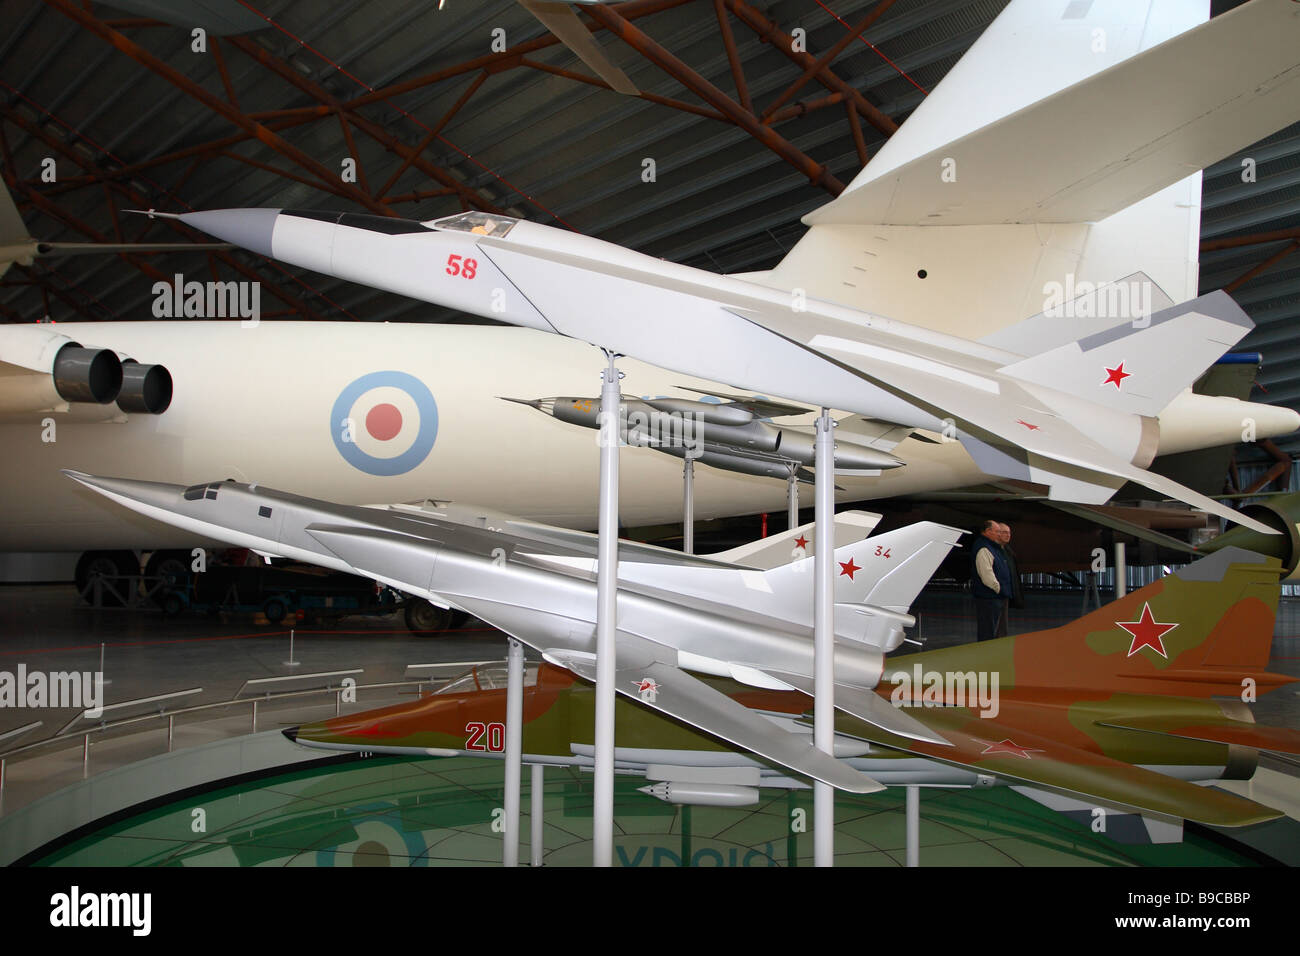 RAF Cosford museo del modelo soviético Mig-25 de la fuerza aérea de la URSS y Tupolev Tu-22 aviones en Imagen De Stock